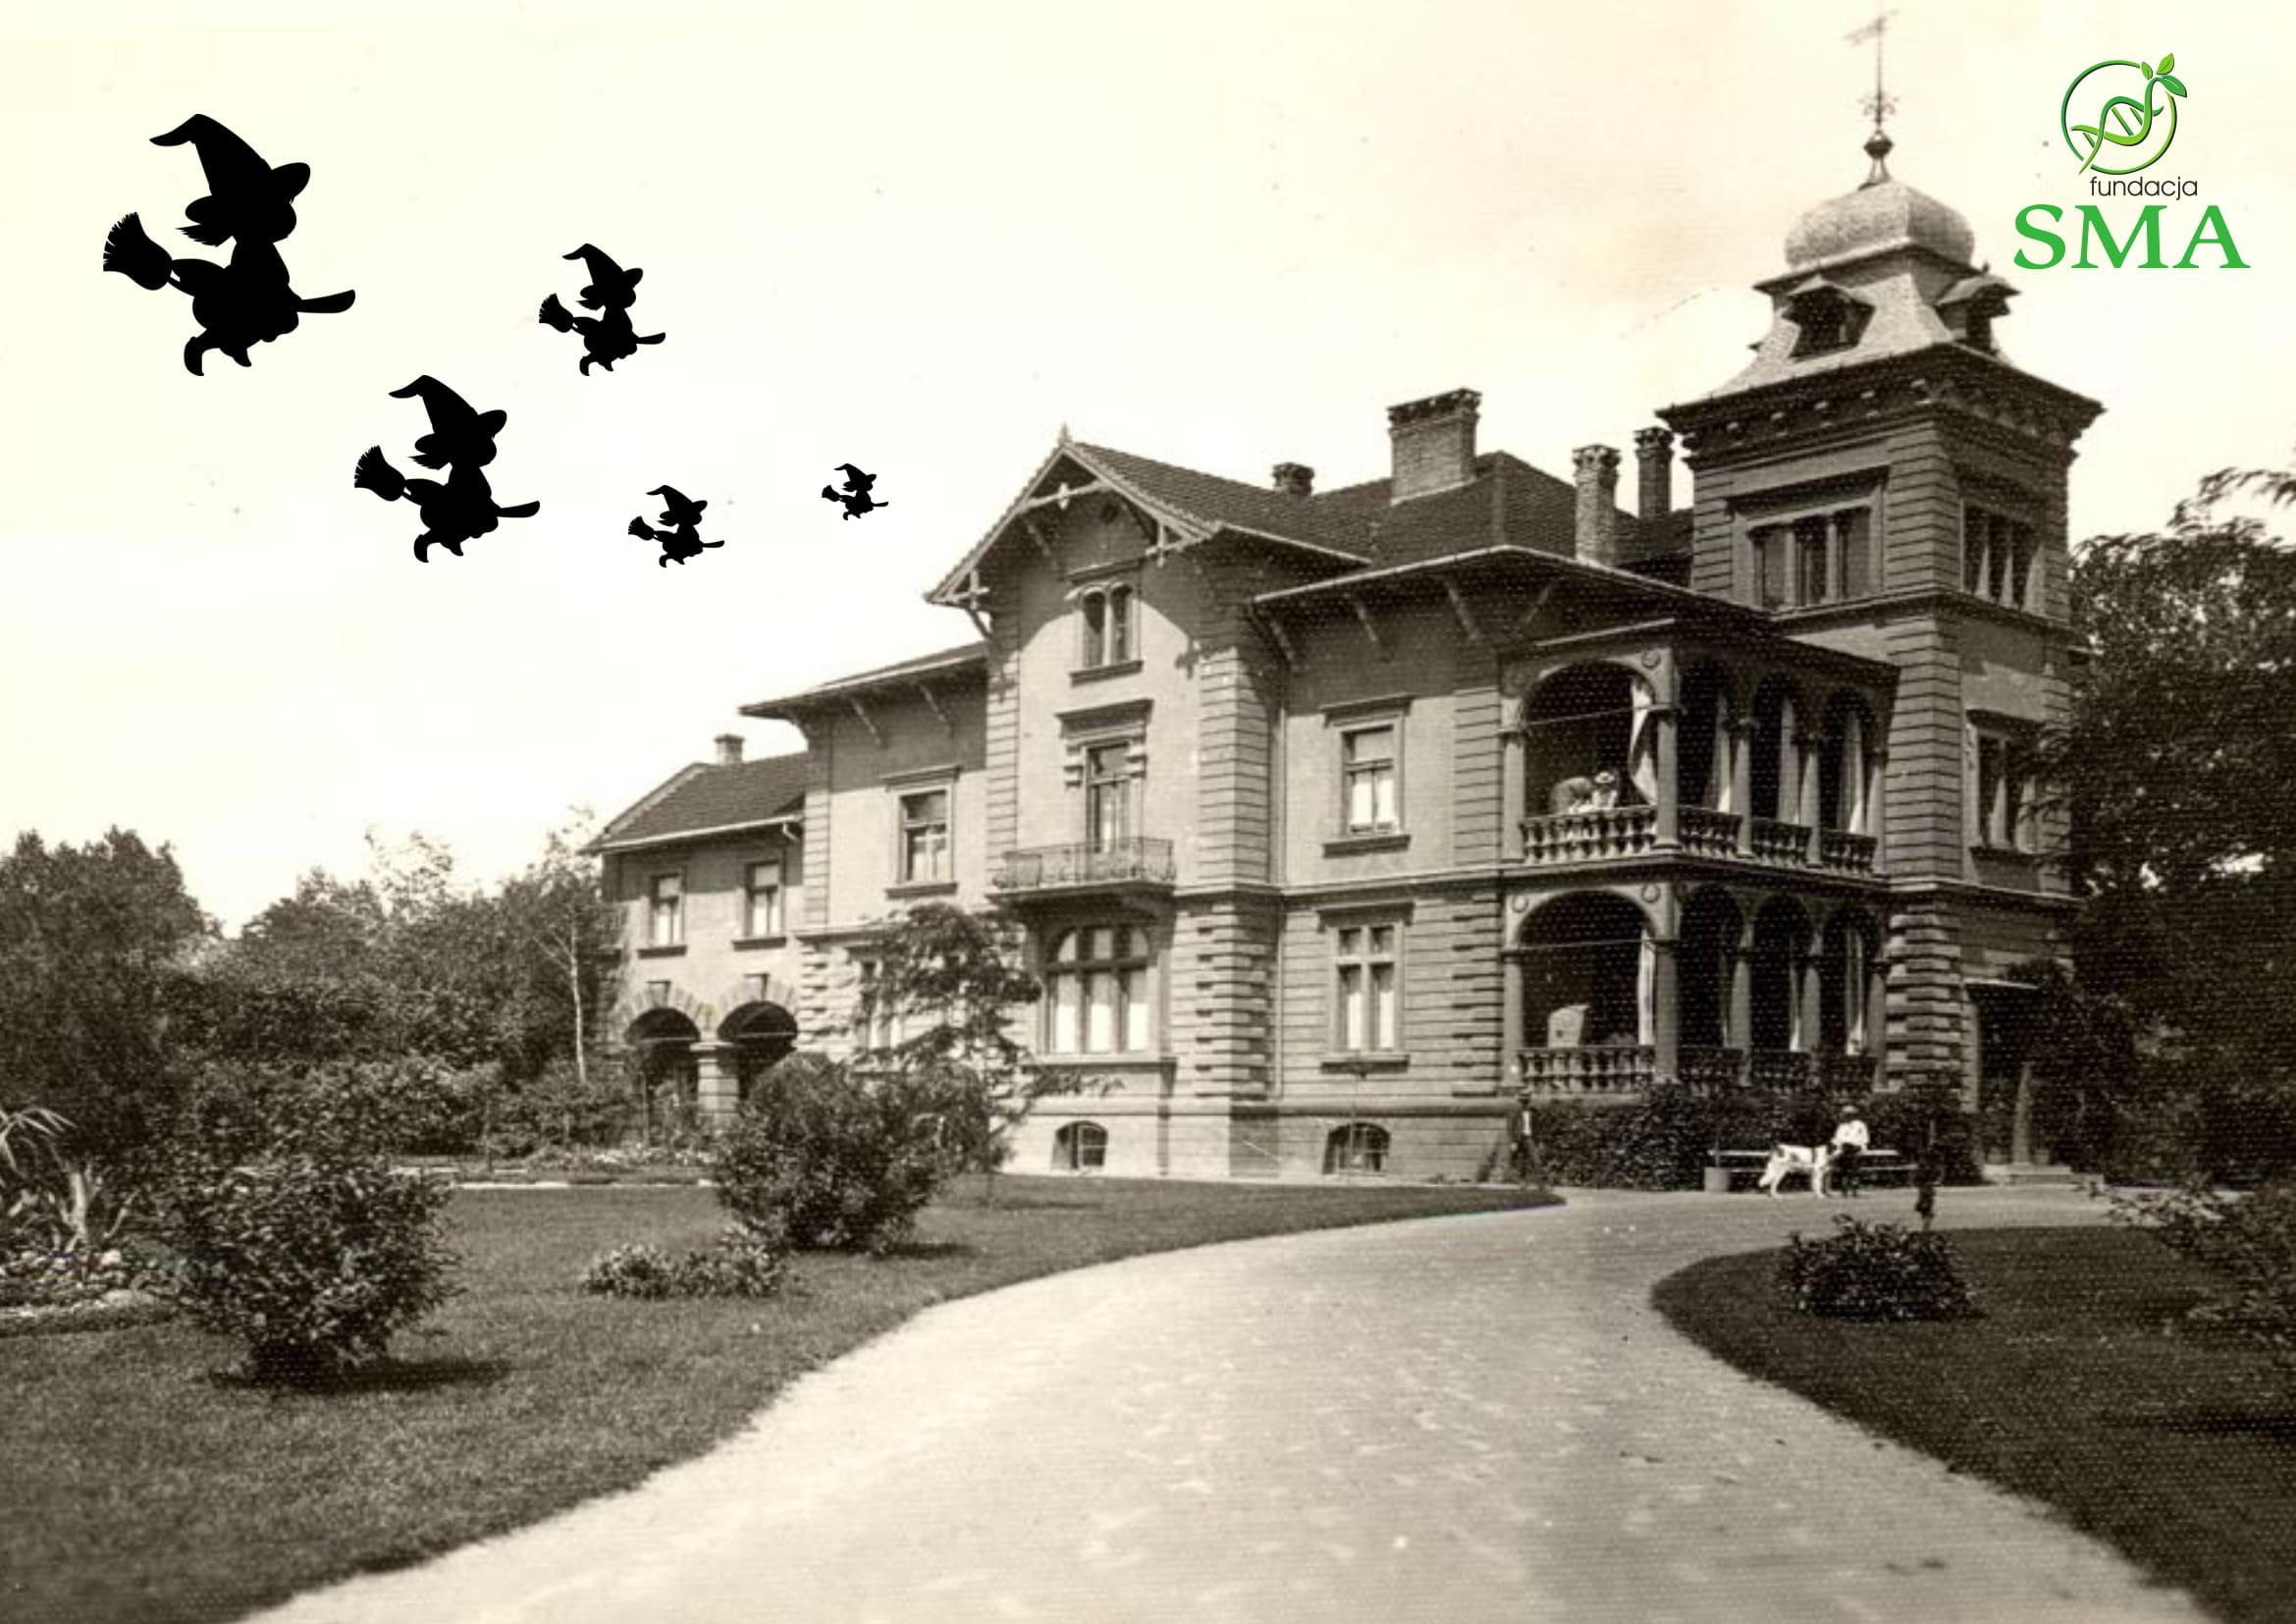 Drugi SMAkowy Zlot Mam W Pałacu Lacon W Kazimierzy Wielkiej